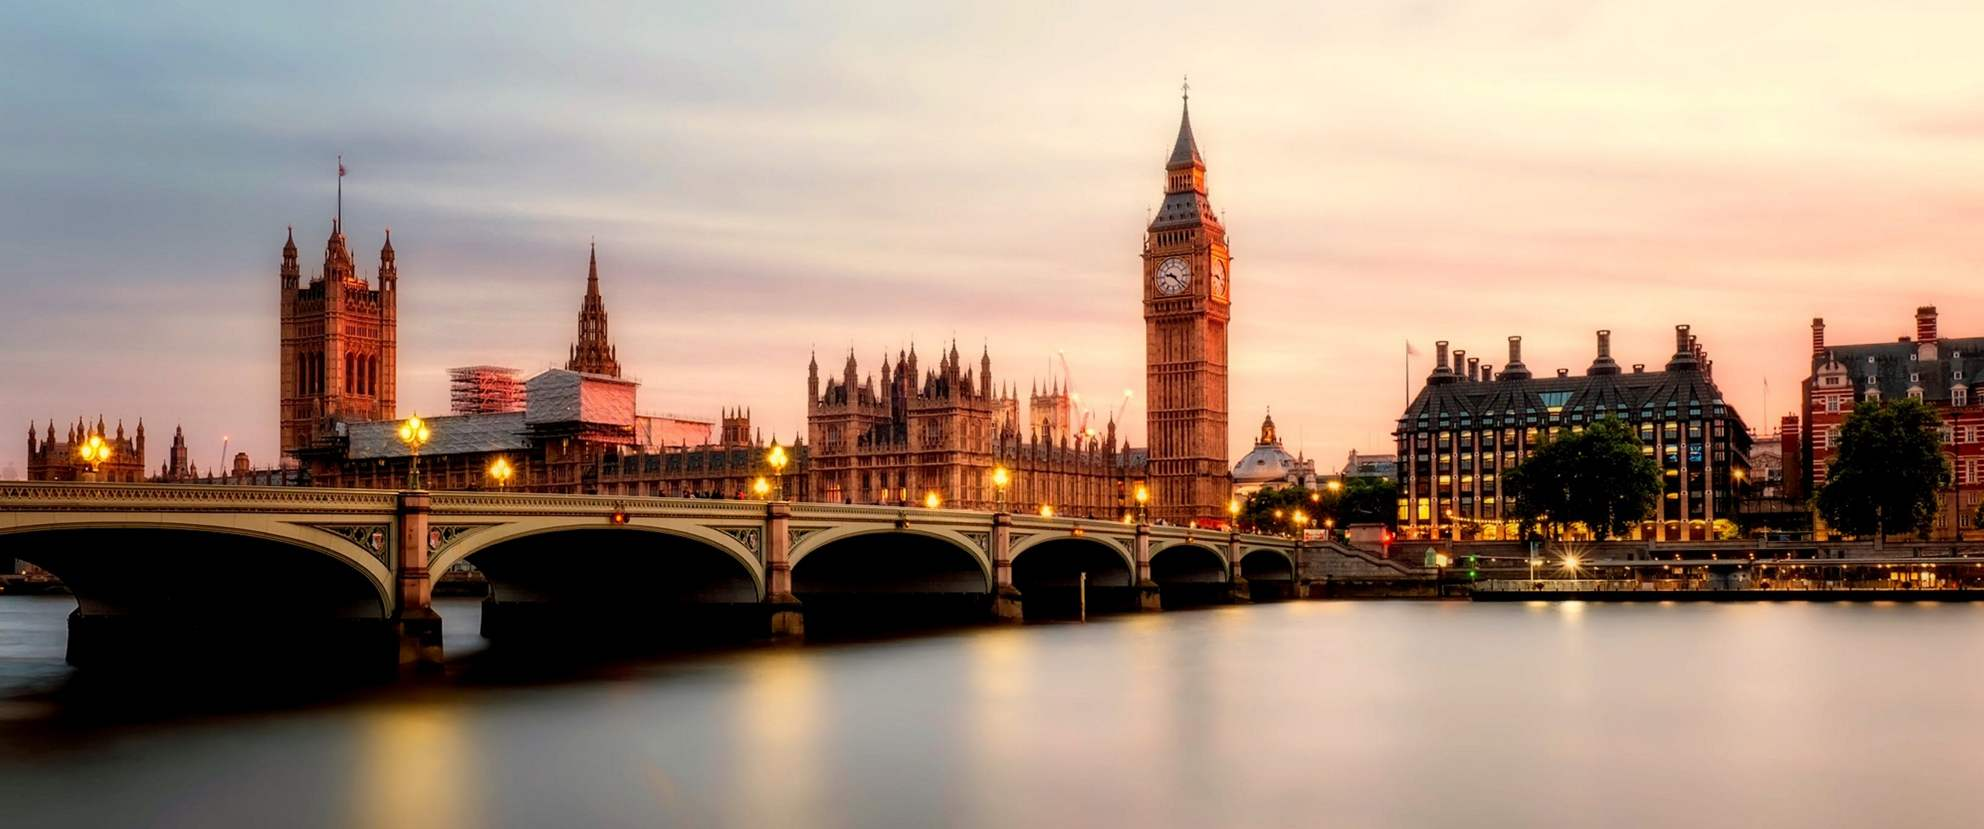 Best pre-wedding photoshoot destinations in UK